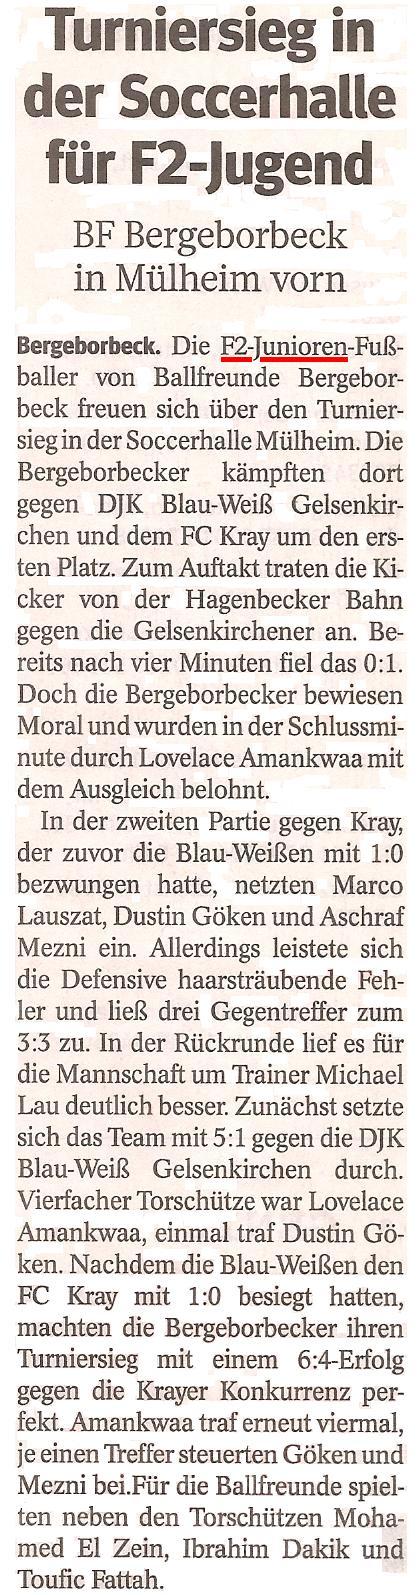 Die WAZ vom 13.02.2013 berichtet über den Turniersieg der F2 beim Hallenturnier in der Soccerhalle Mülheim